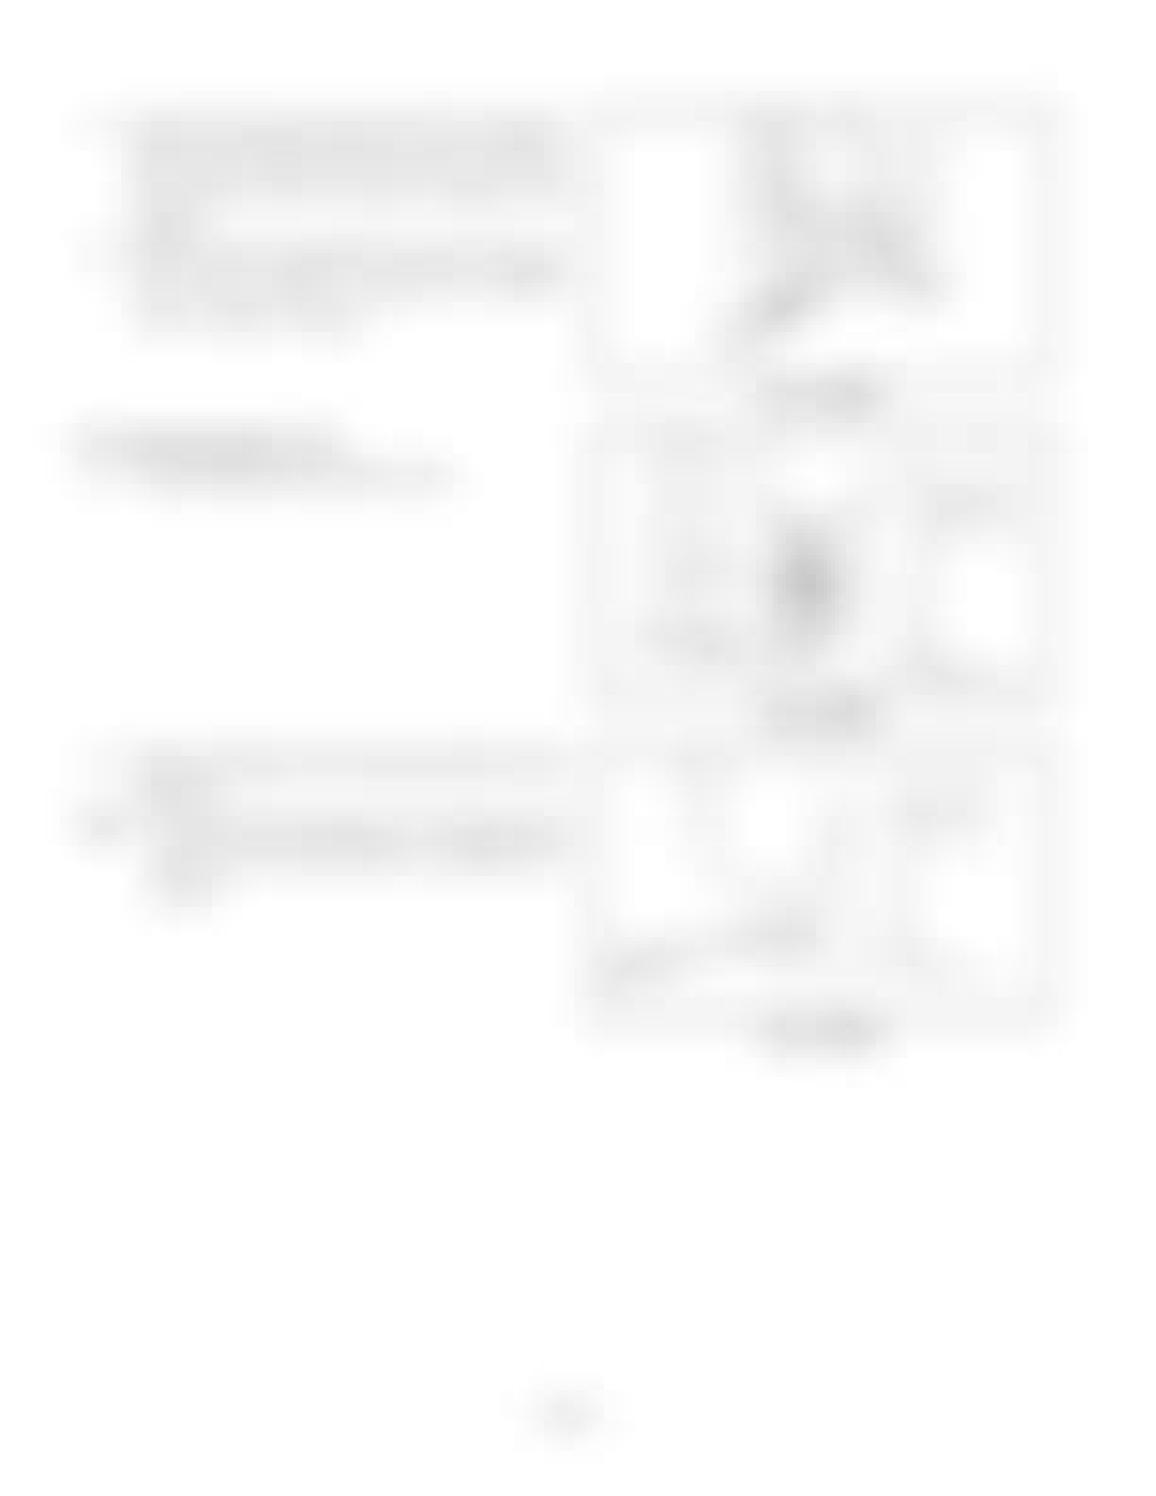 Hitachi LX110-7 LX130-7 LX160-7 LX190-7 LX230-7 Wheel Loader Workshop Manual - PDF DOWNLOAD page 100